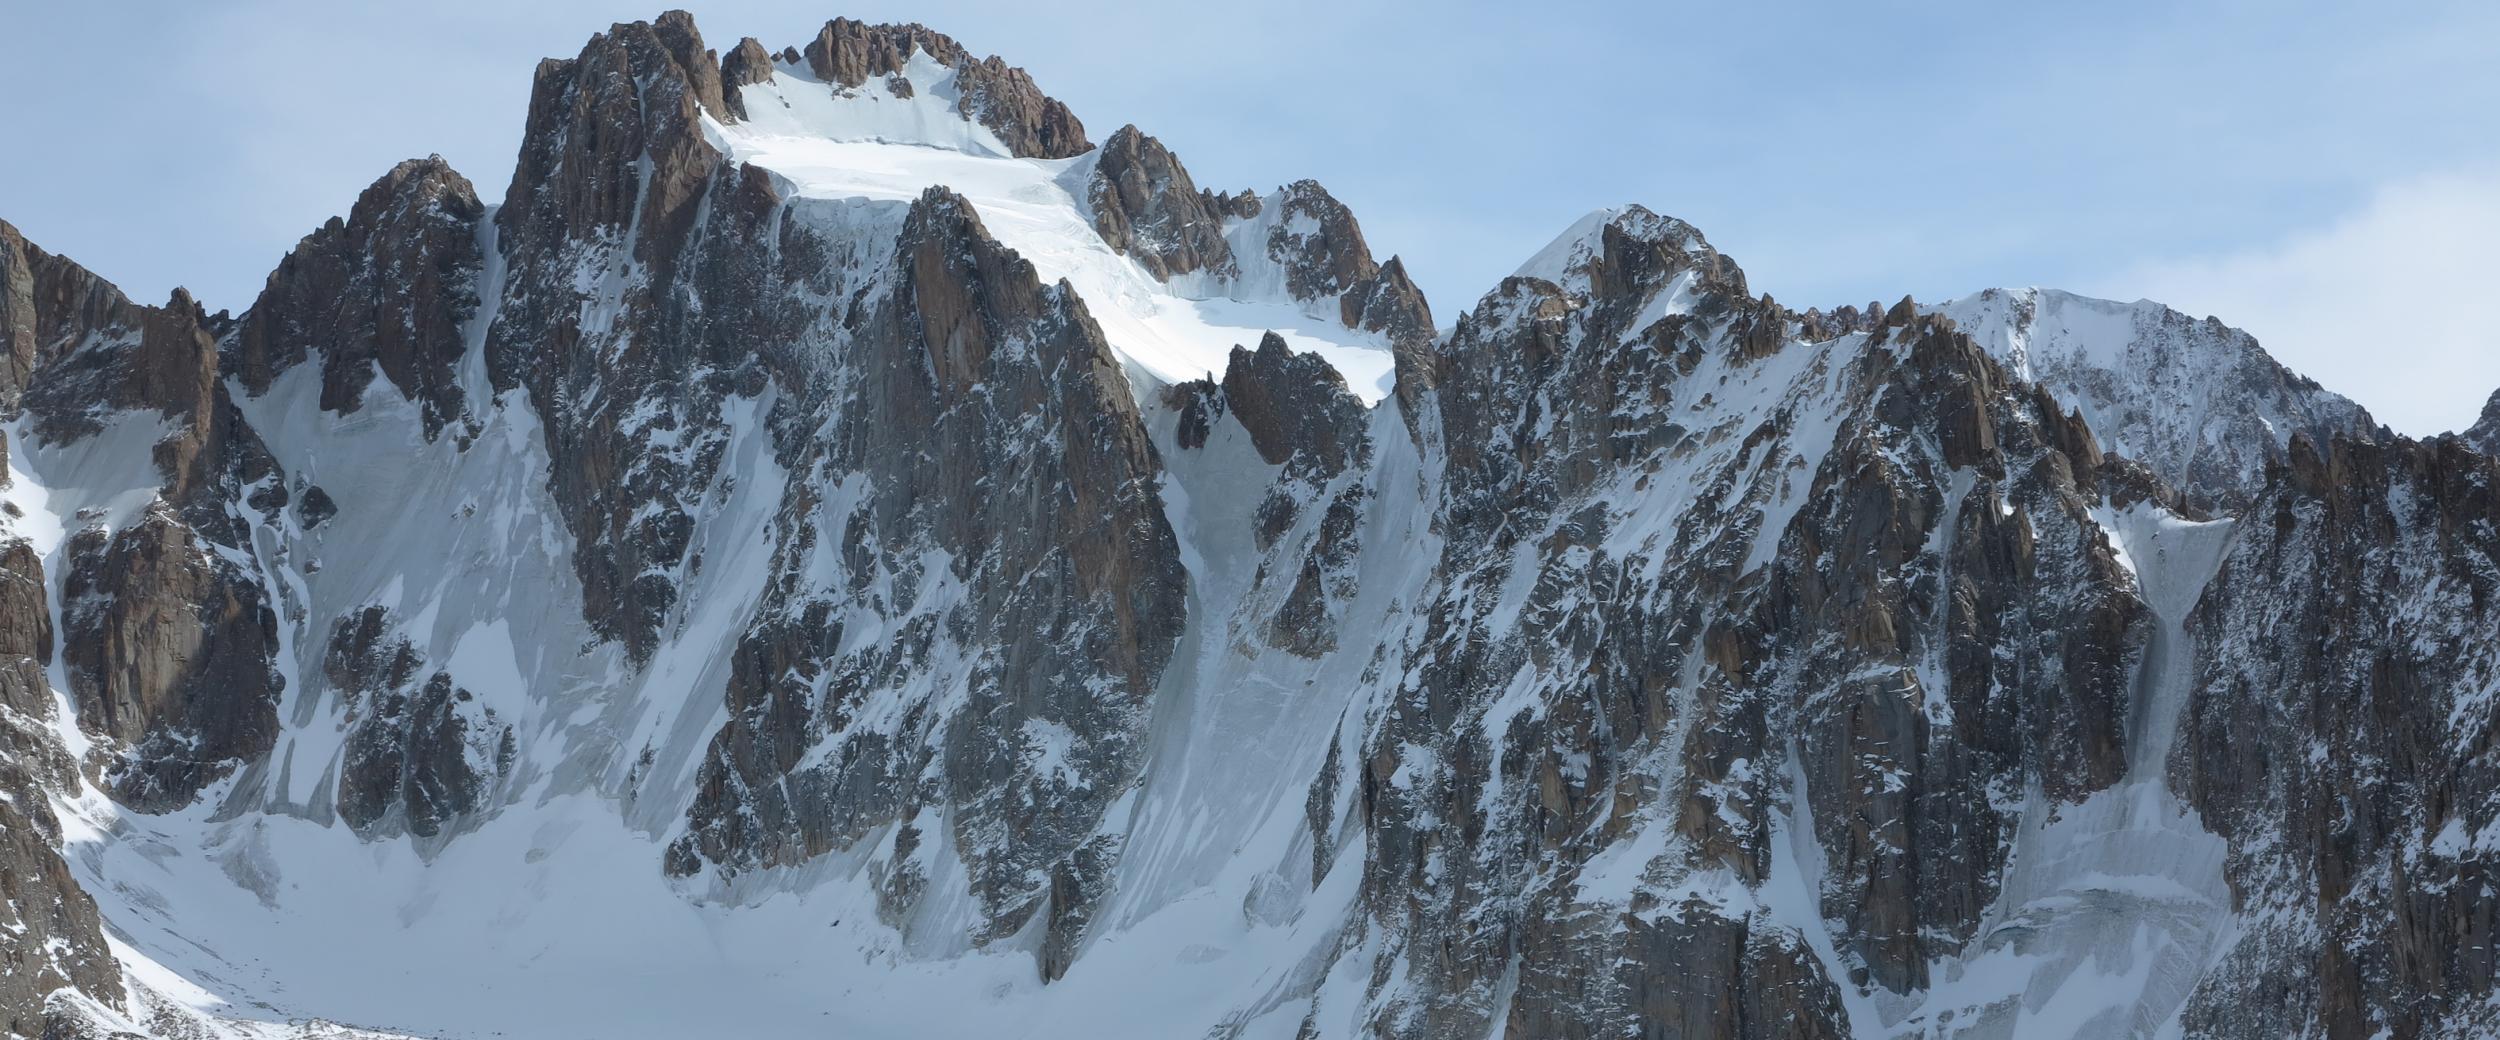 IFMGA, Kyrgyz Mountain Guide Association, Ala-Archa, Korona Peak, Photo by Kurt Walde